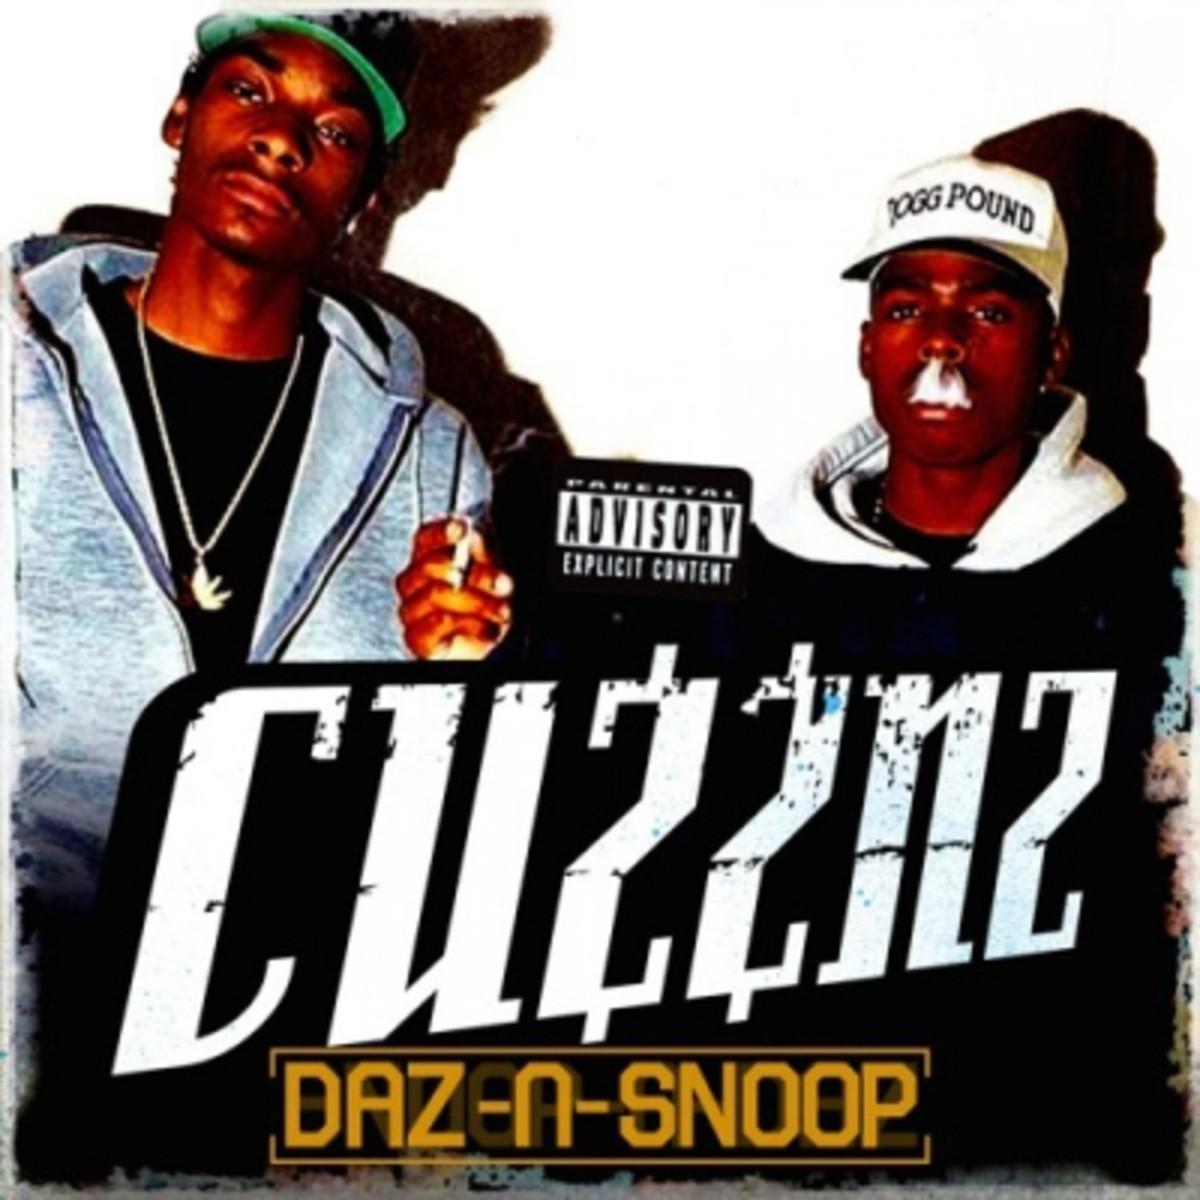 daz-n-snoop-cuzzns.jpg